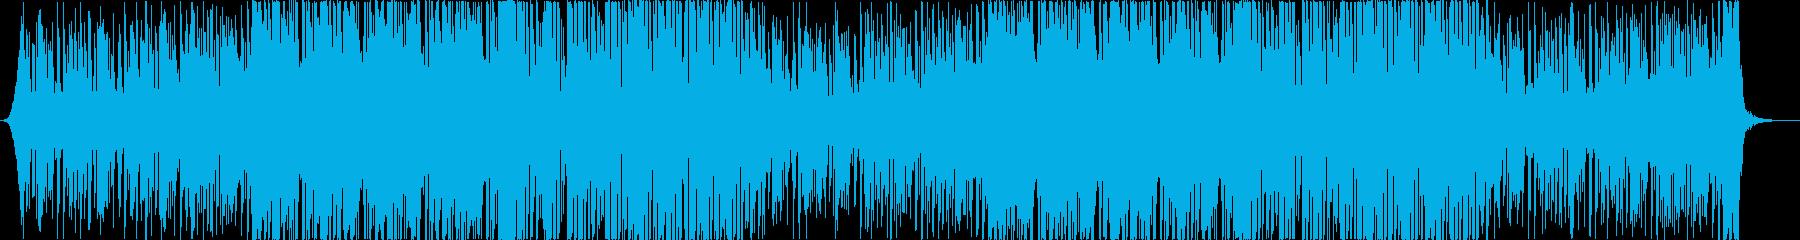 レトロでおしゃれな80'Sエレクトロaの再生済みの波形